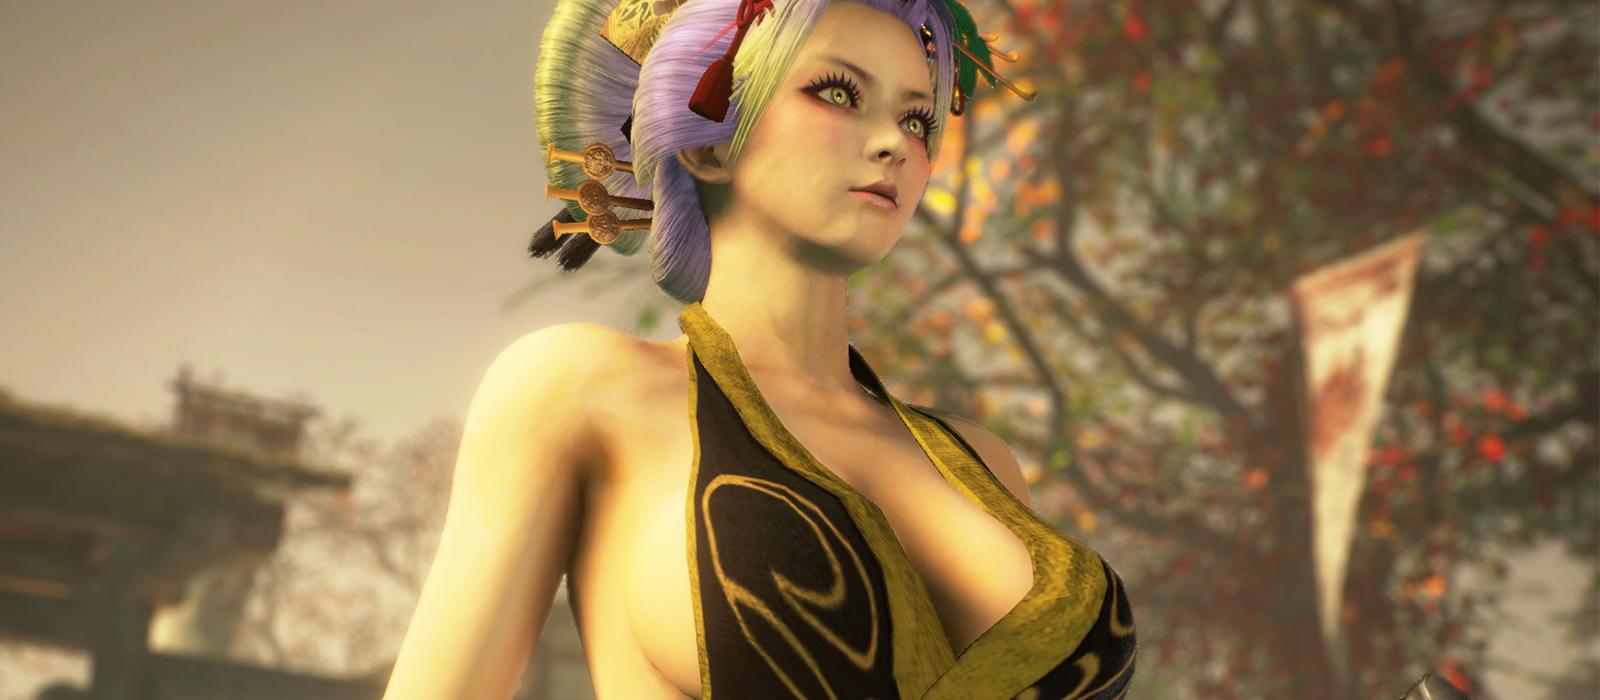 Die Heldin in Nioh 2 hatte ihre Brüste stark vergrößert und vollständig entblößt.  Lady Dimitrescu kann beneiden